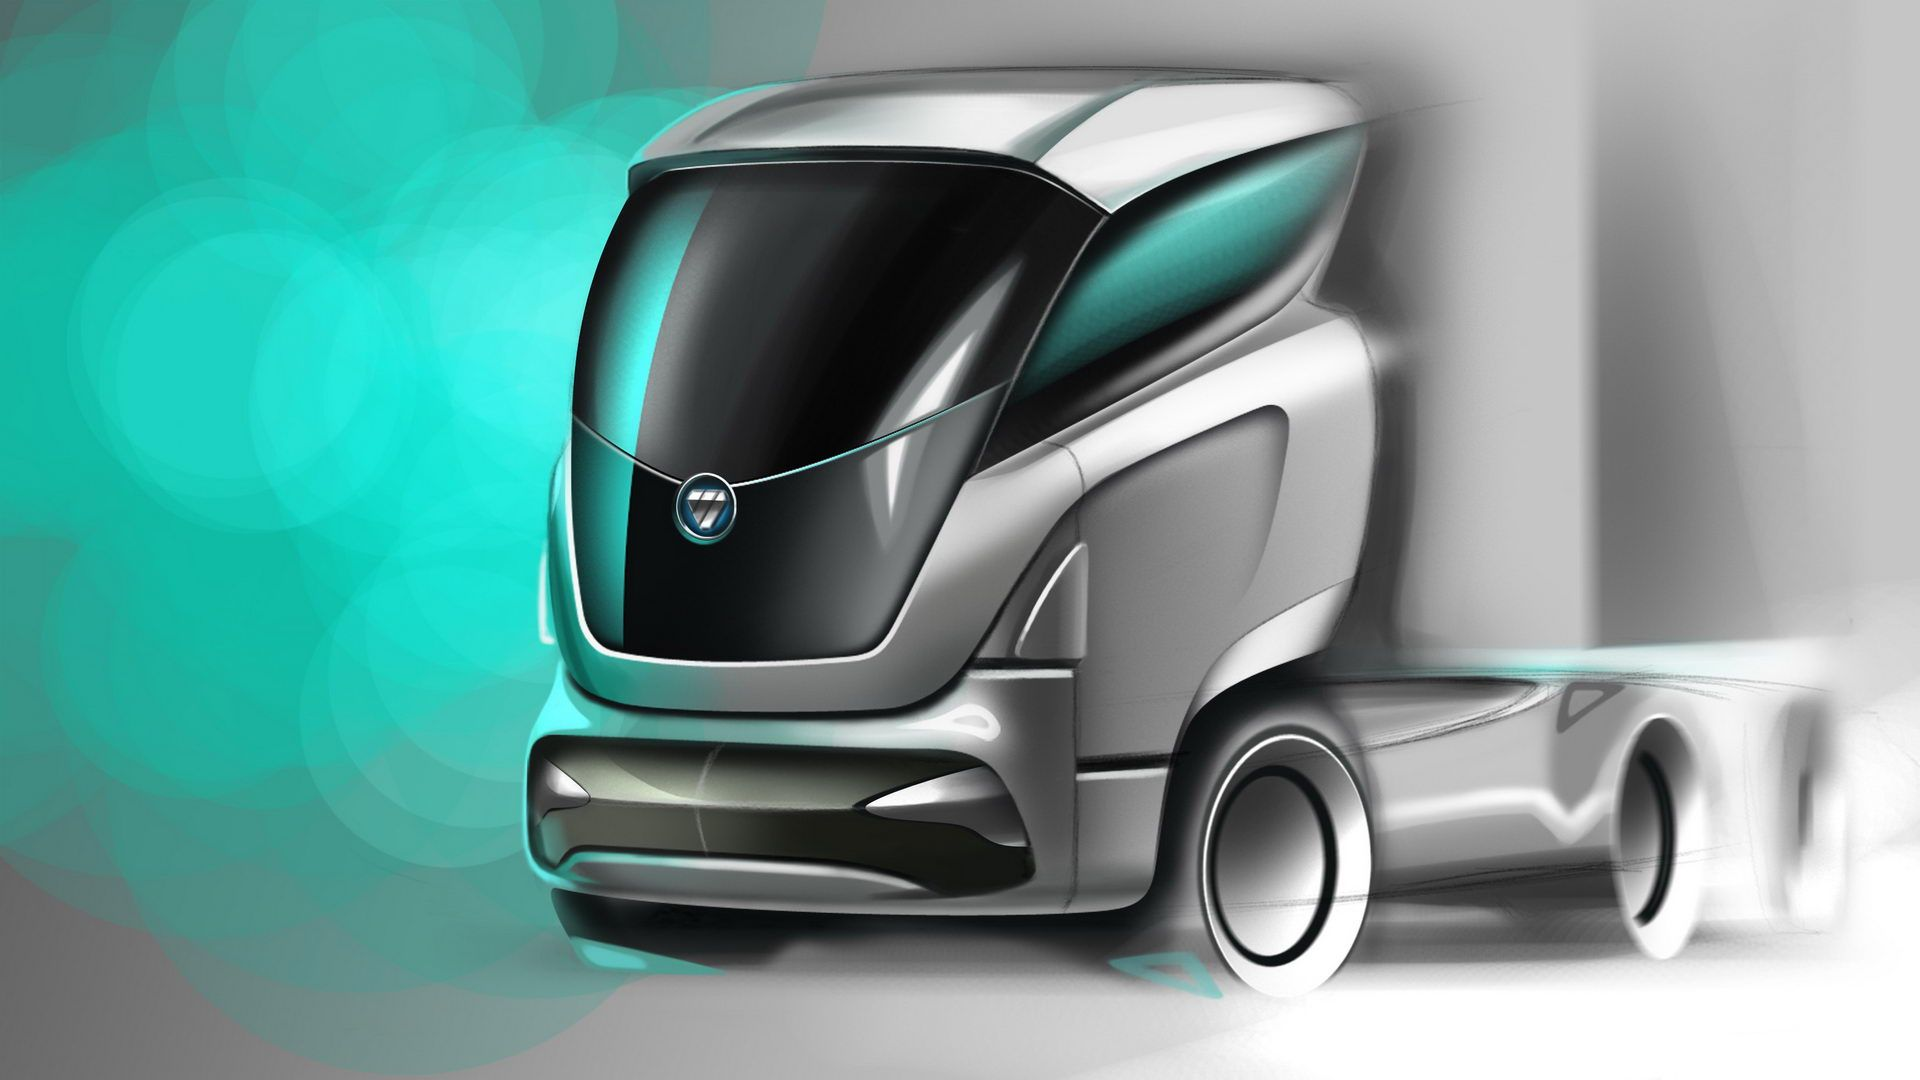 truck concept - Buscar con Google